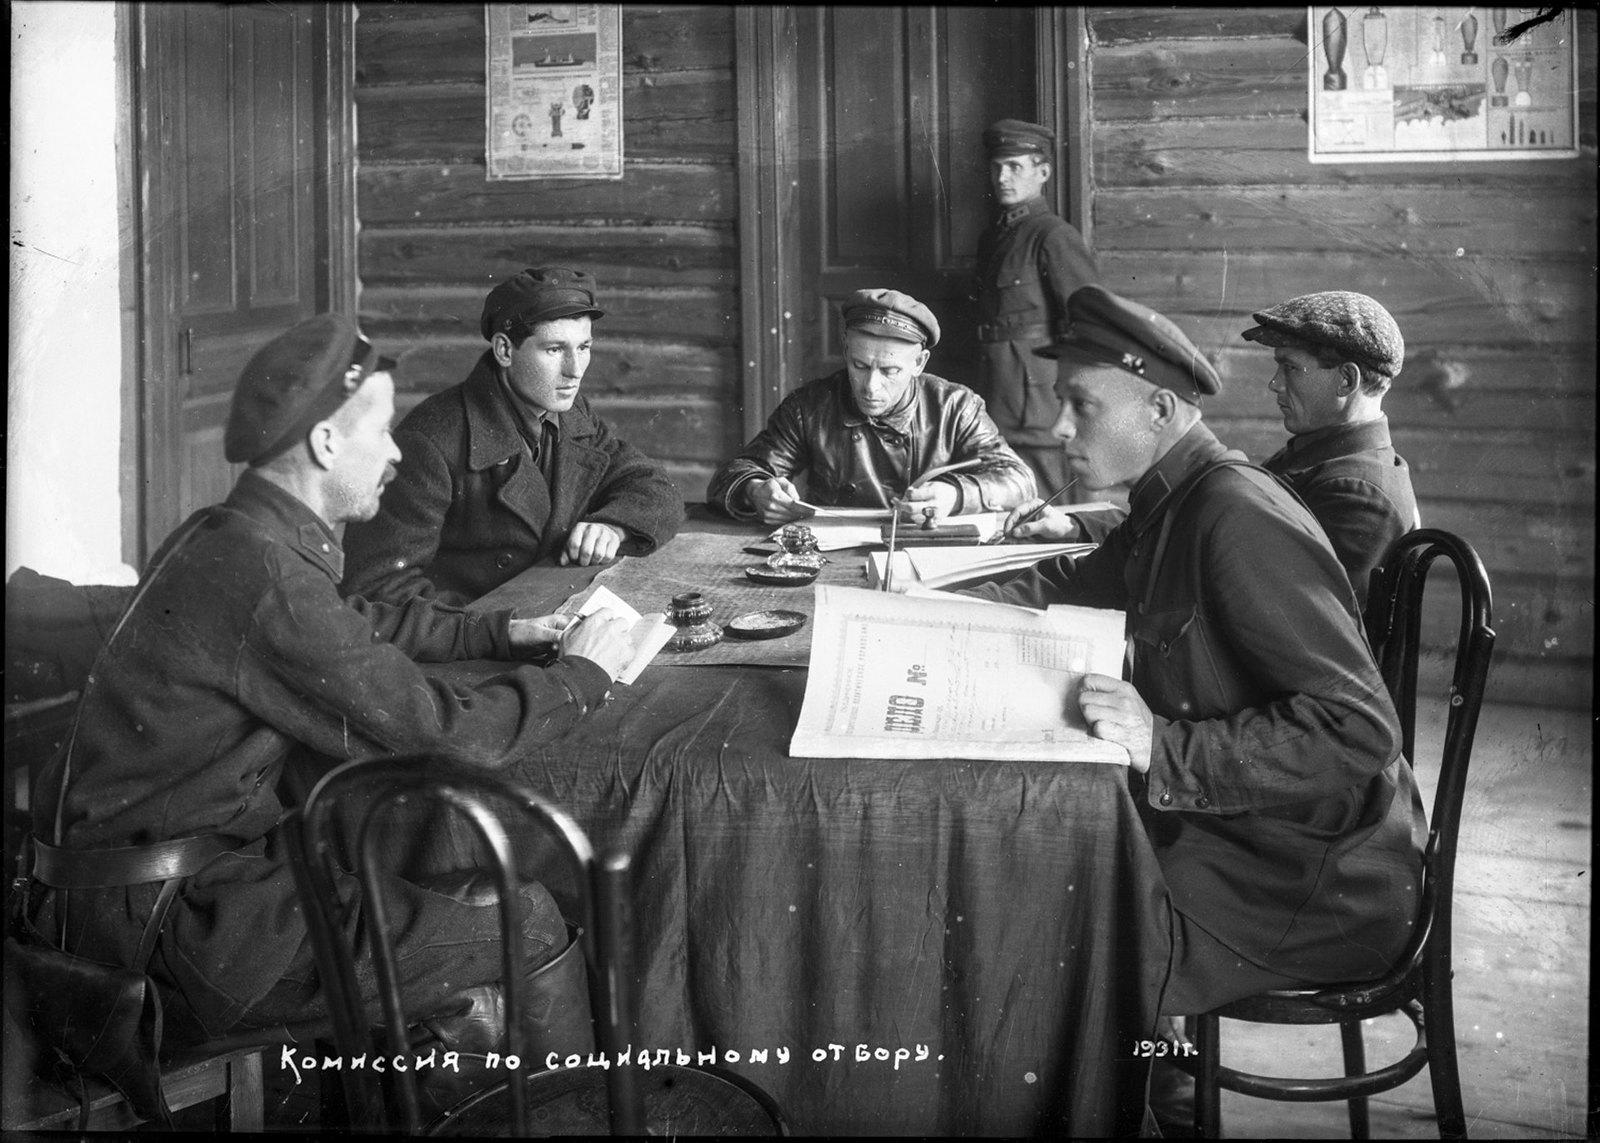 1931. Комиссия по социальному отбору